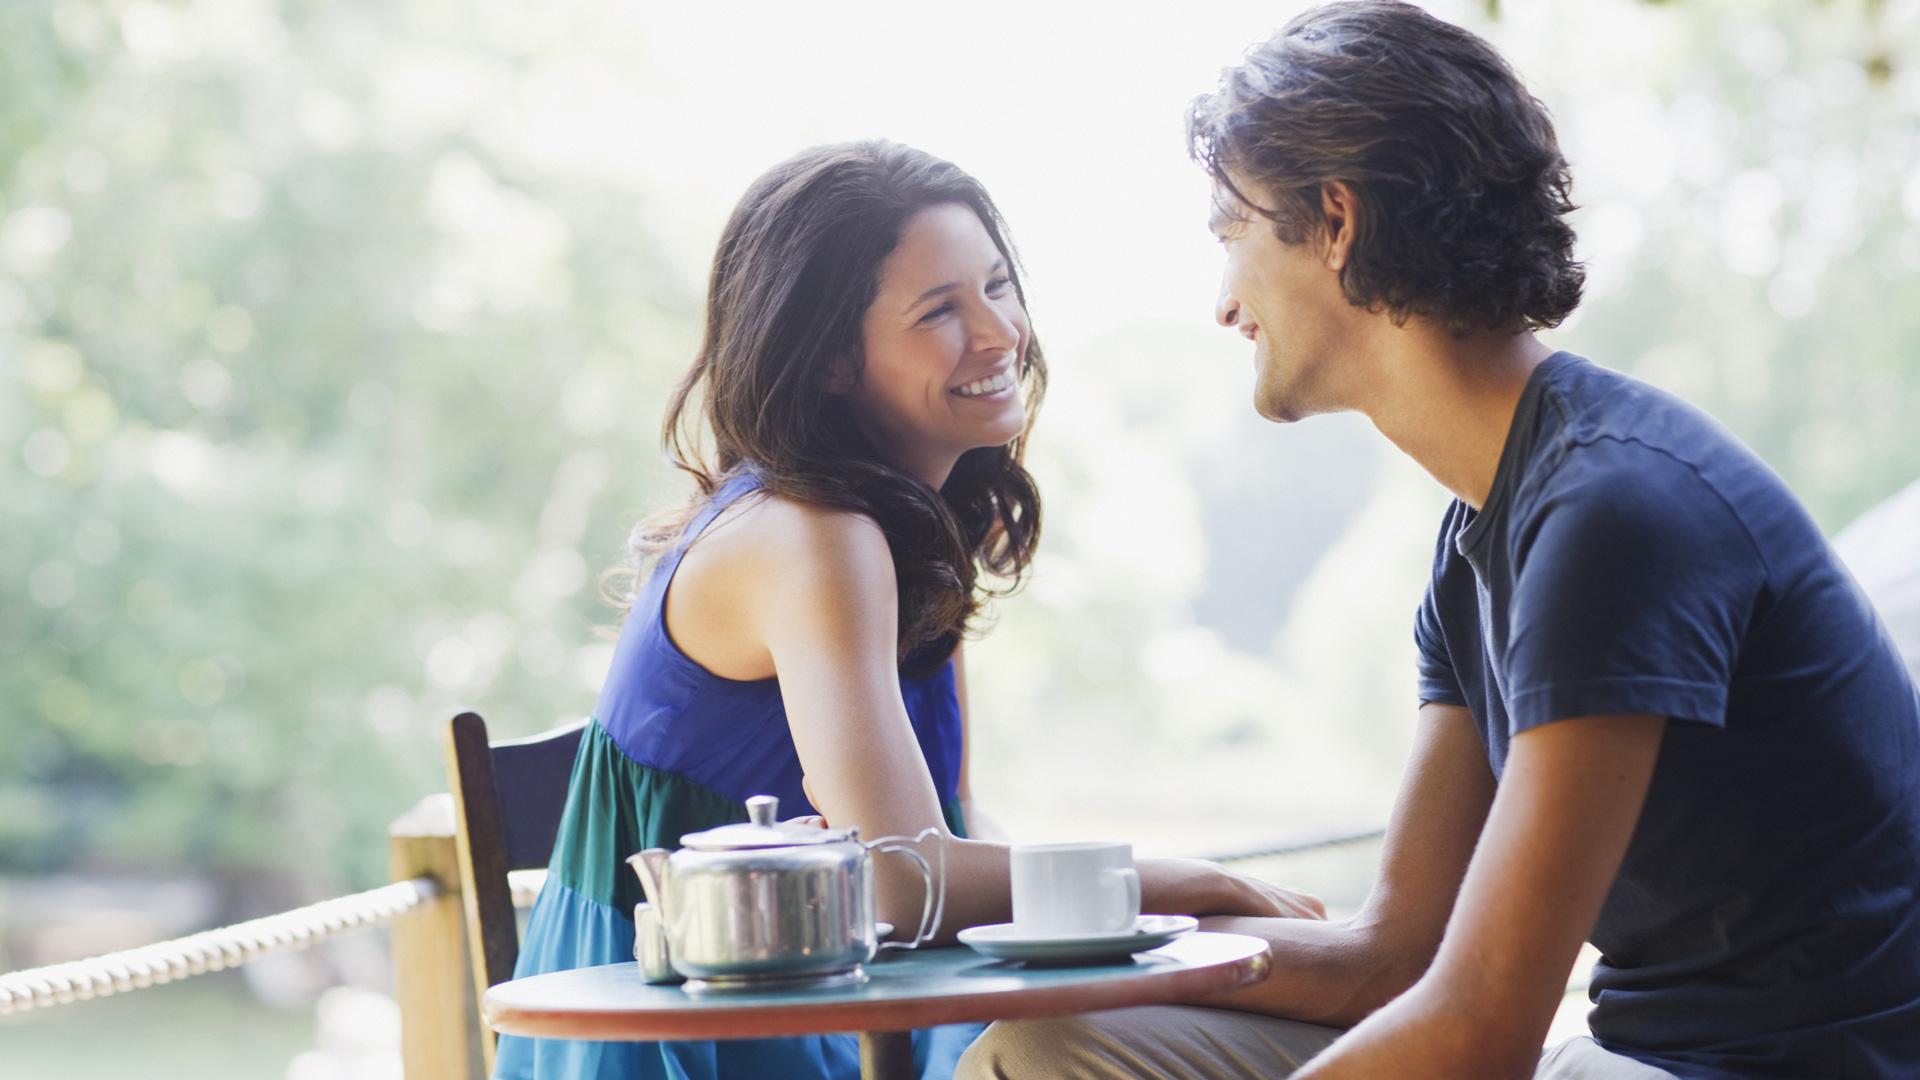 rencontre entre personnes mariees bourg en bresse